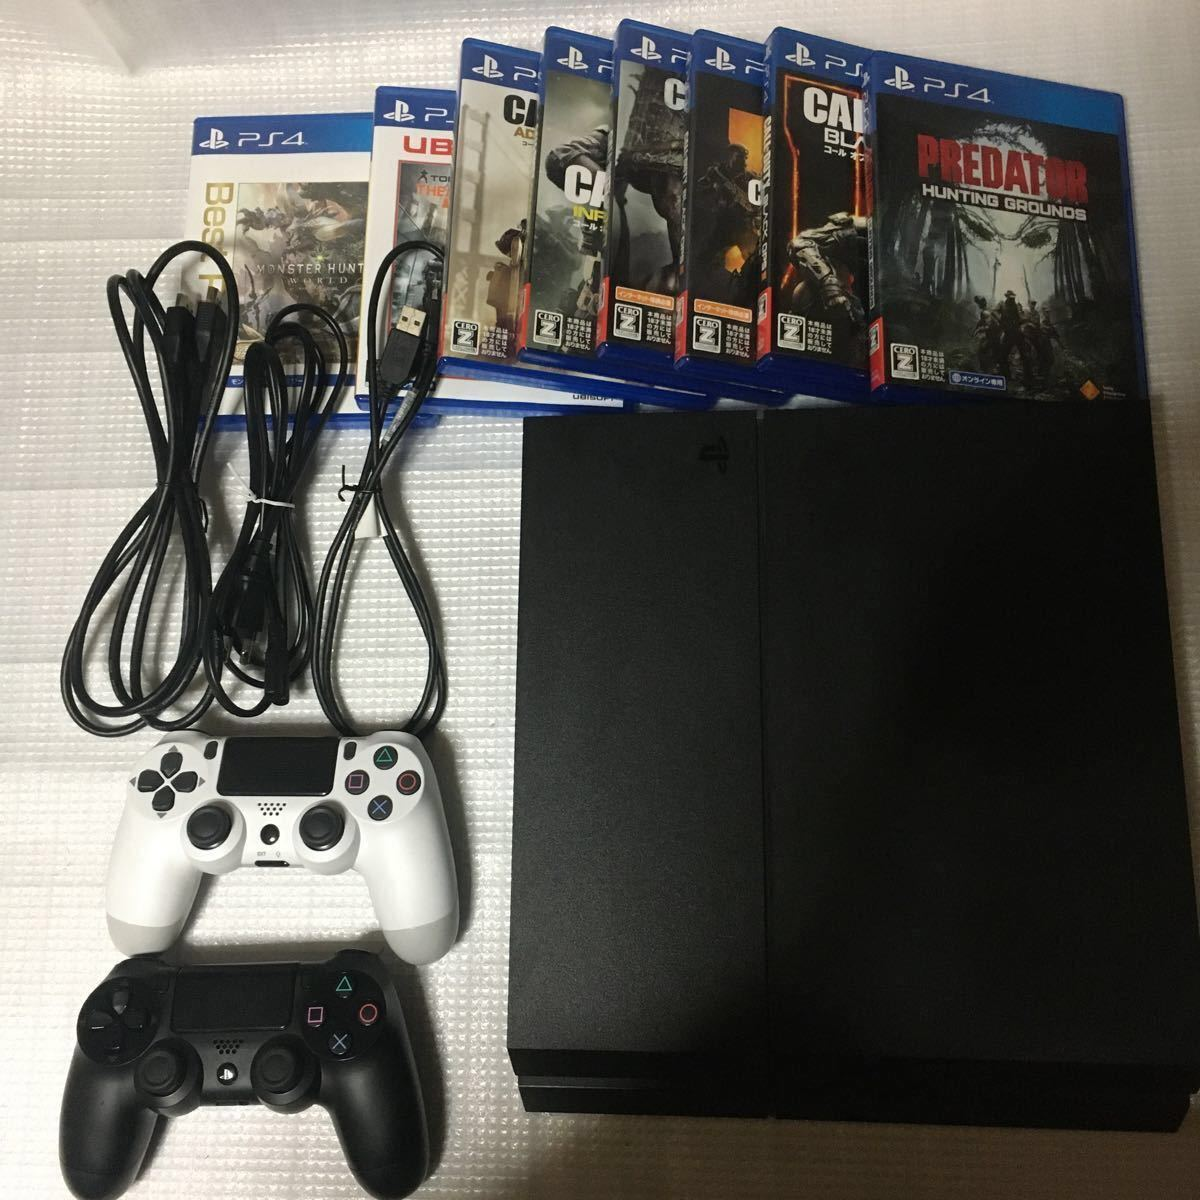 専用!!!PS4 本体+ソフト14本に変更!送料無料!!ジェット・ブラック 500GB CUH-1200AB01 COD モンハン